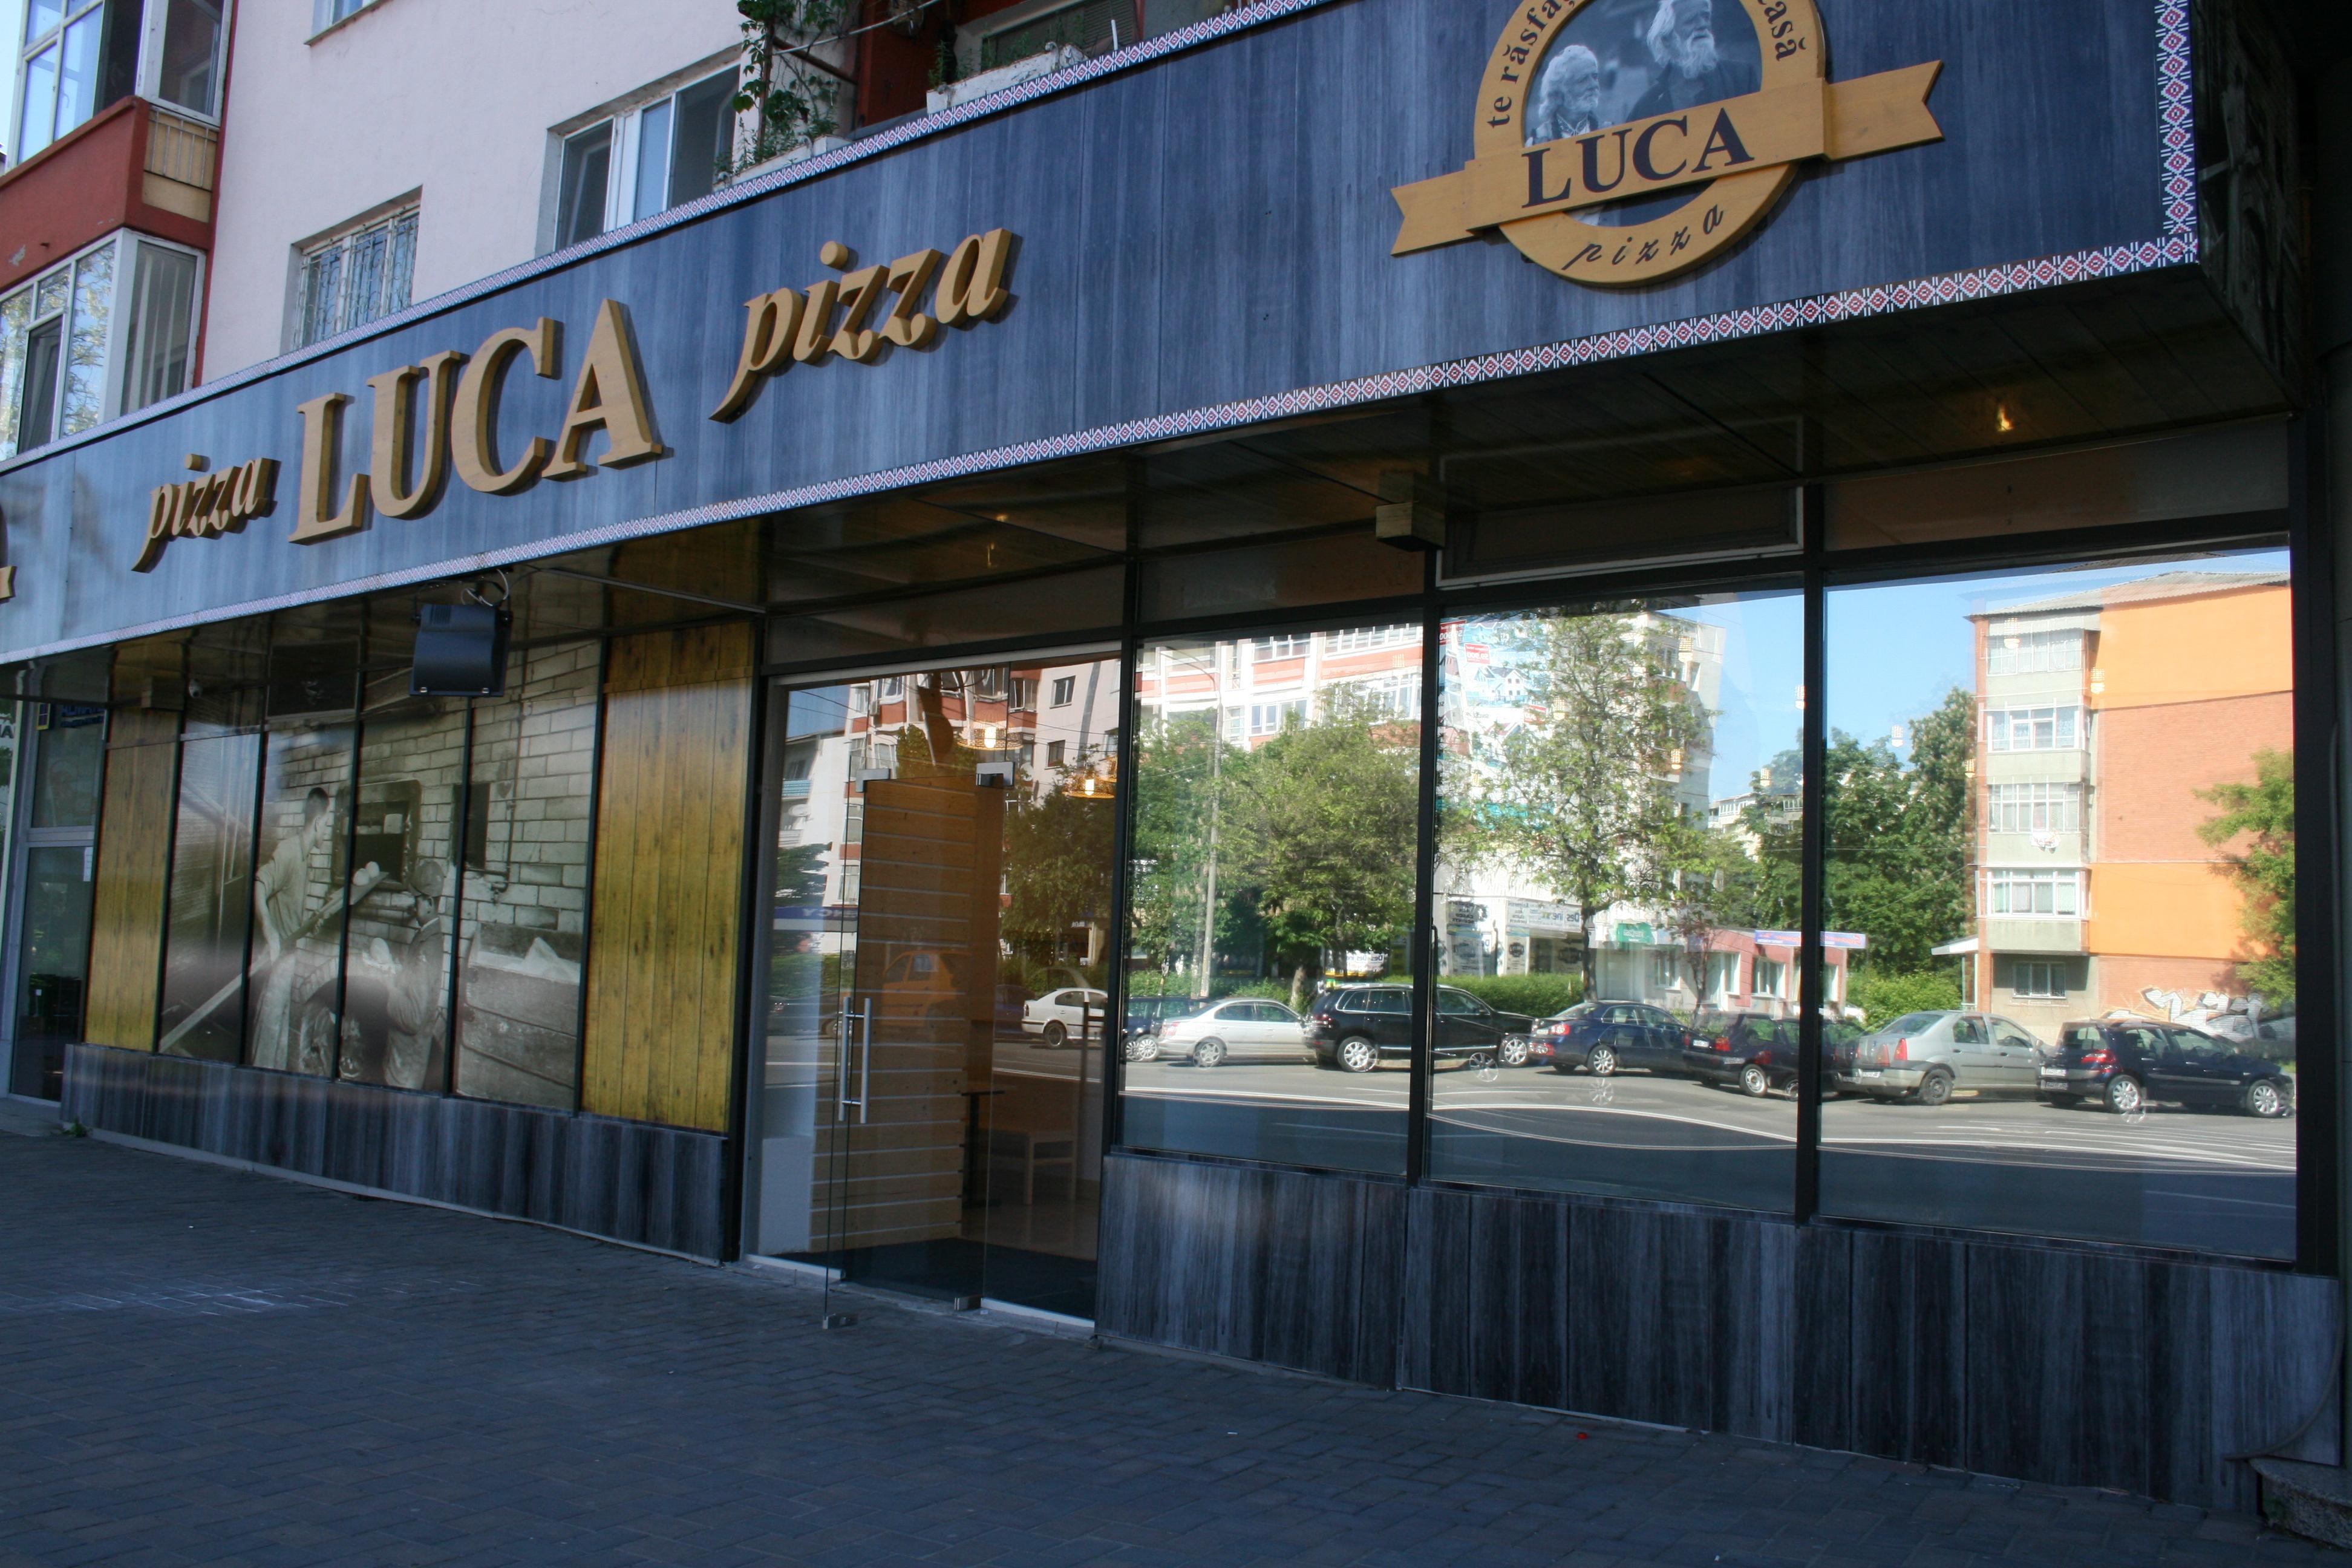 Client 19. Pizzeria Luca Image